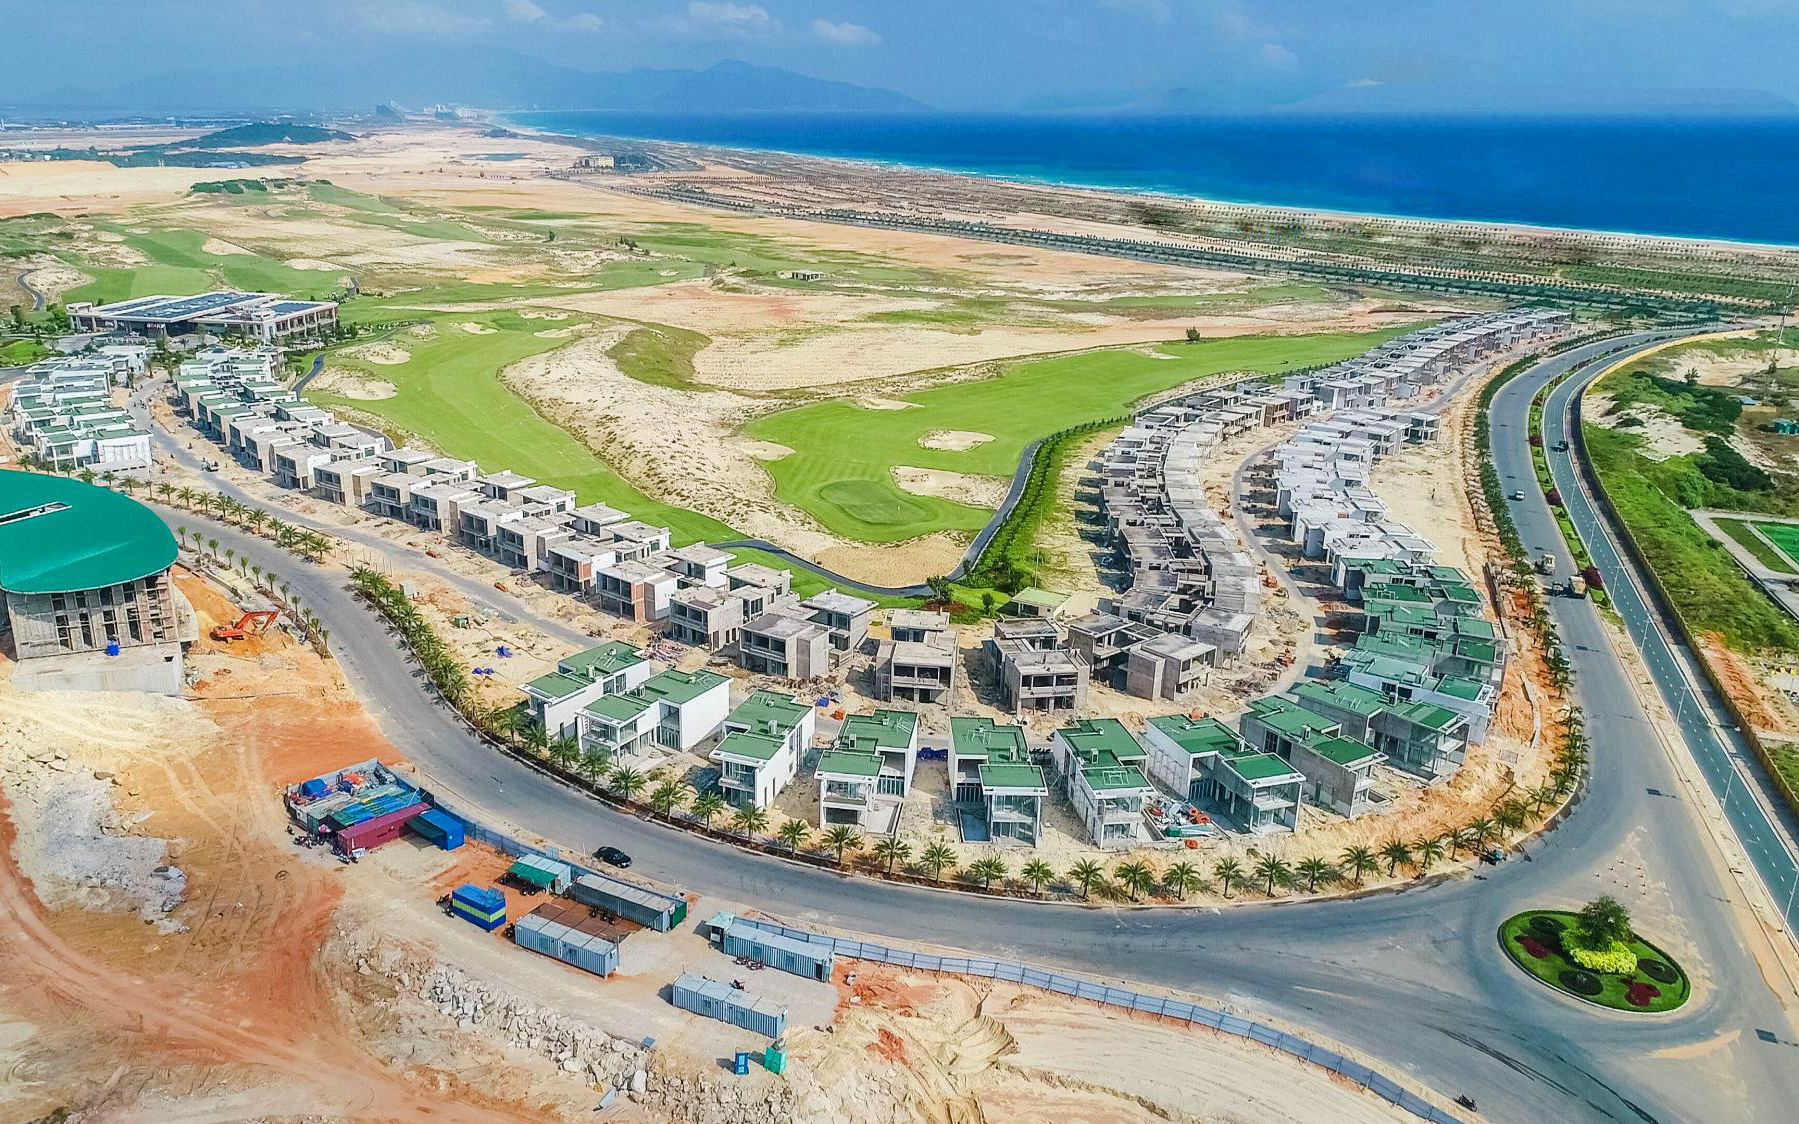 Những khu vực bất động sản ven biển được giới đầu tư địa ốc quan tâm